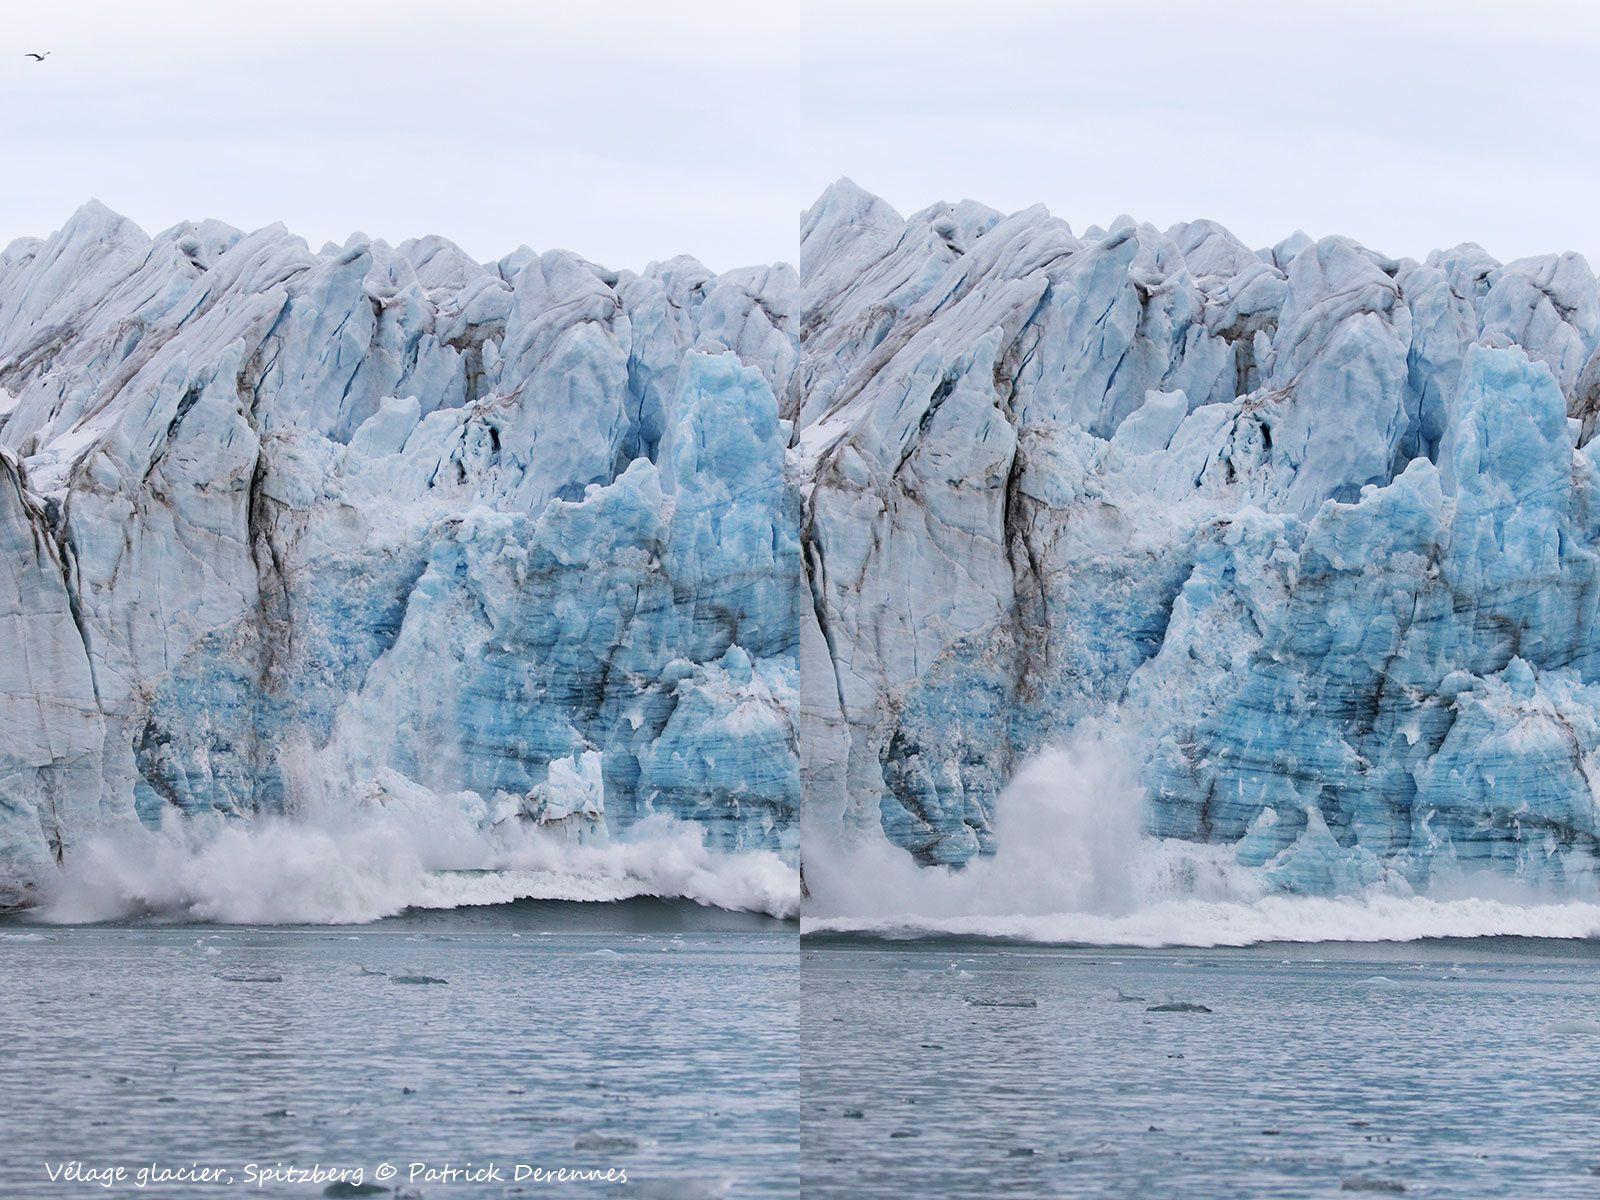 Spitzberg, vêlage d'un glacier, en direct.